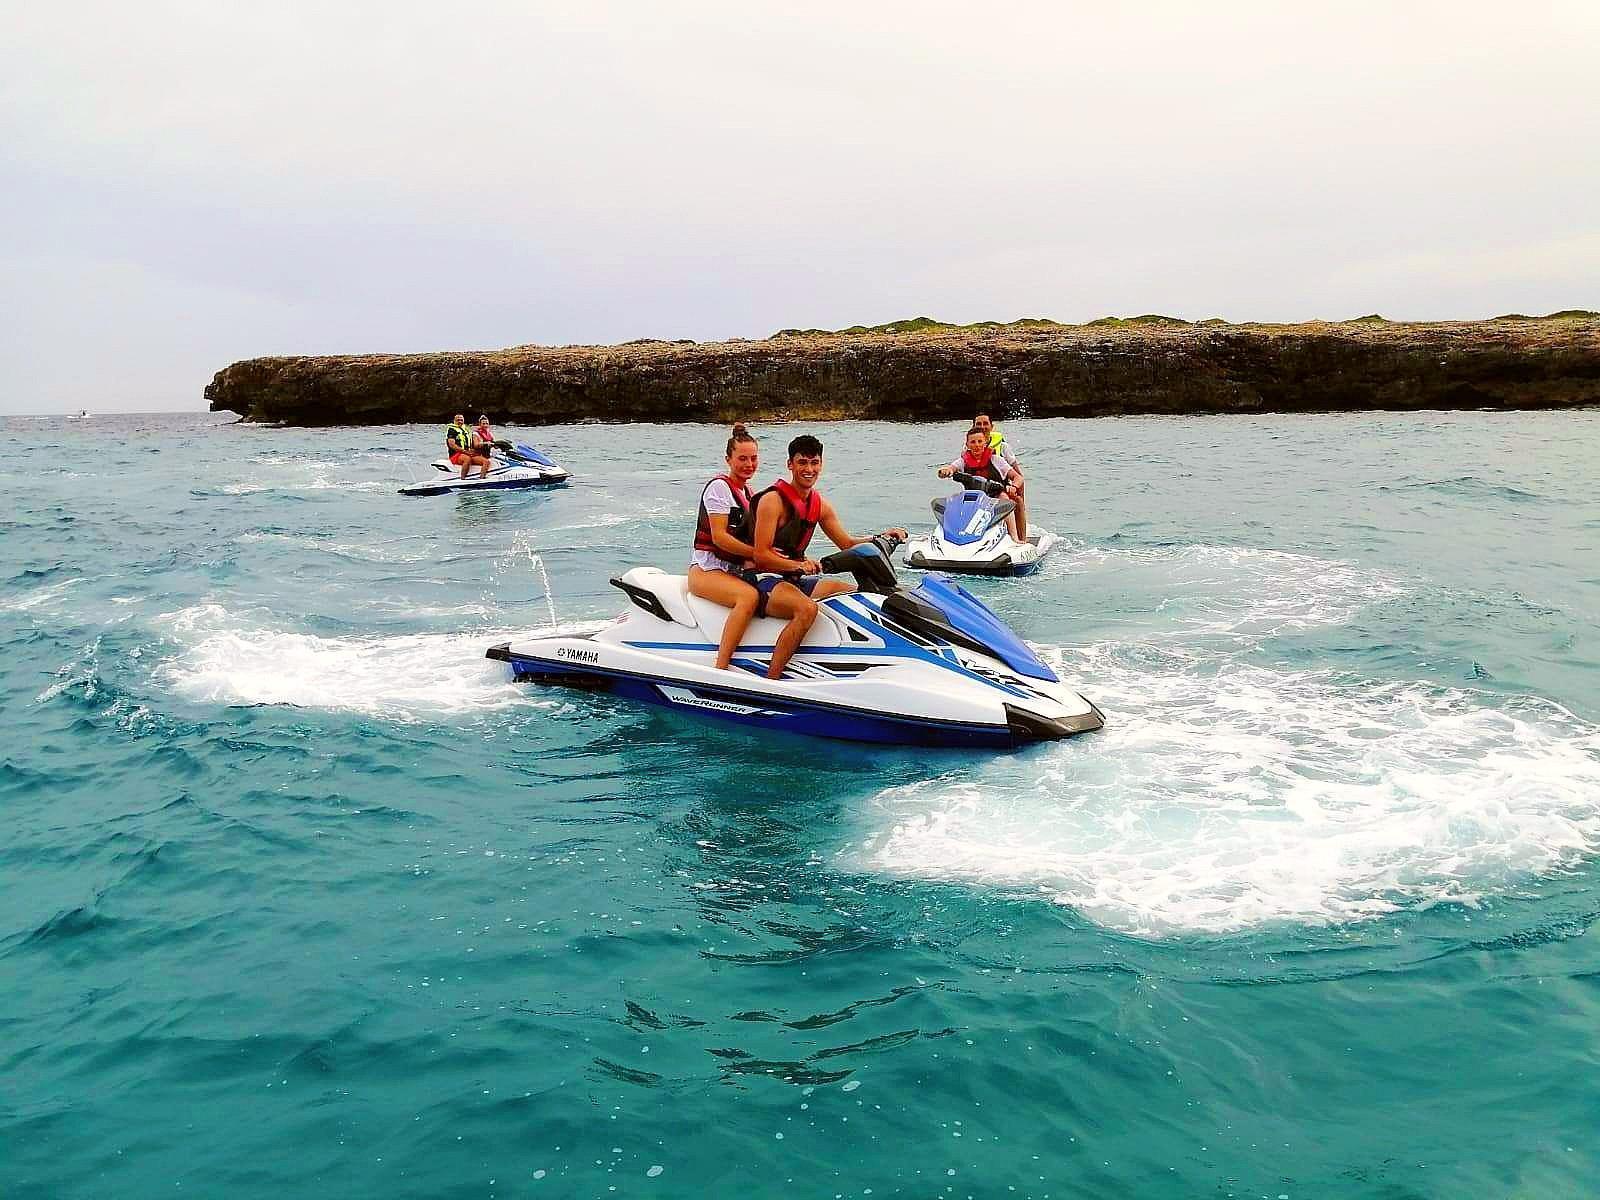 Jet Ski in Cala Bona